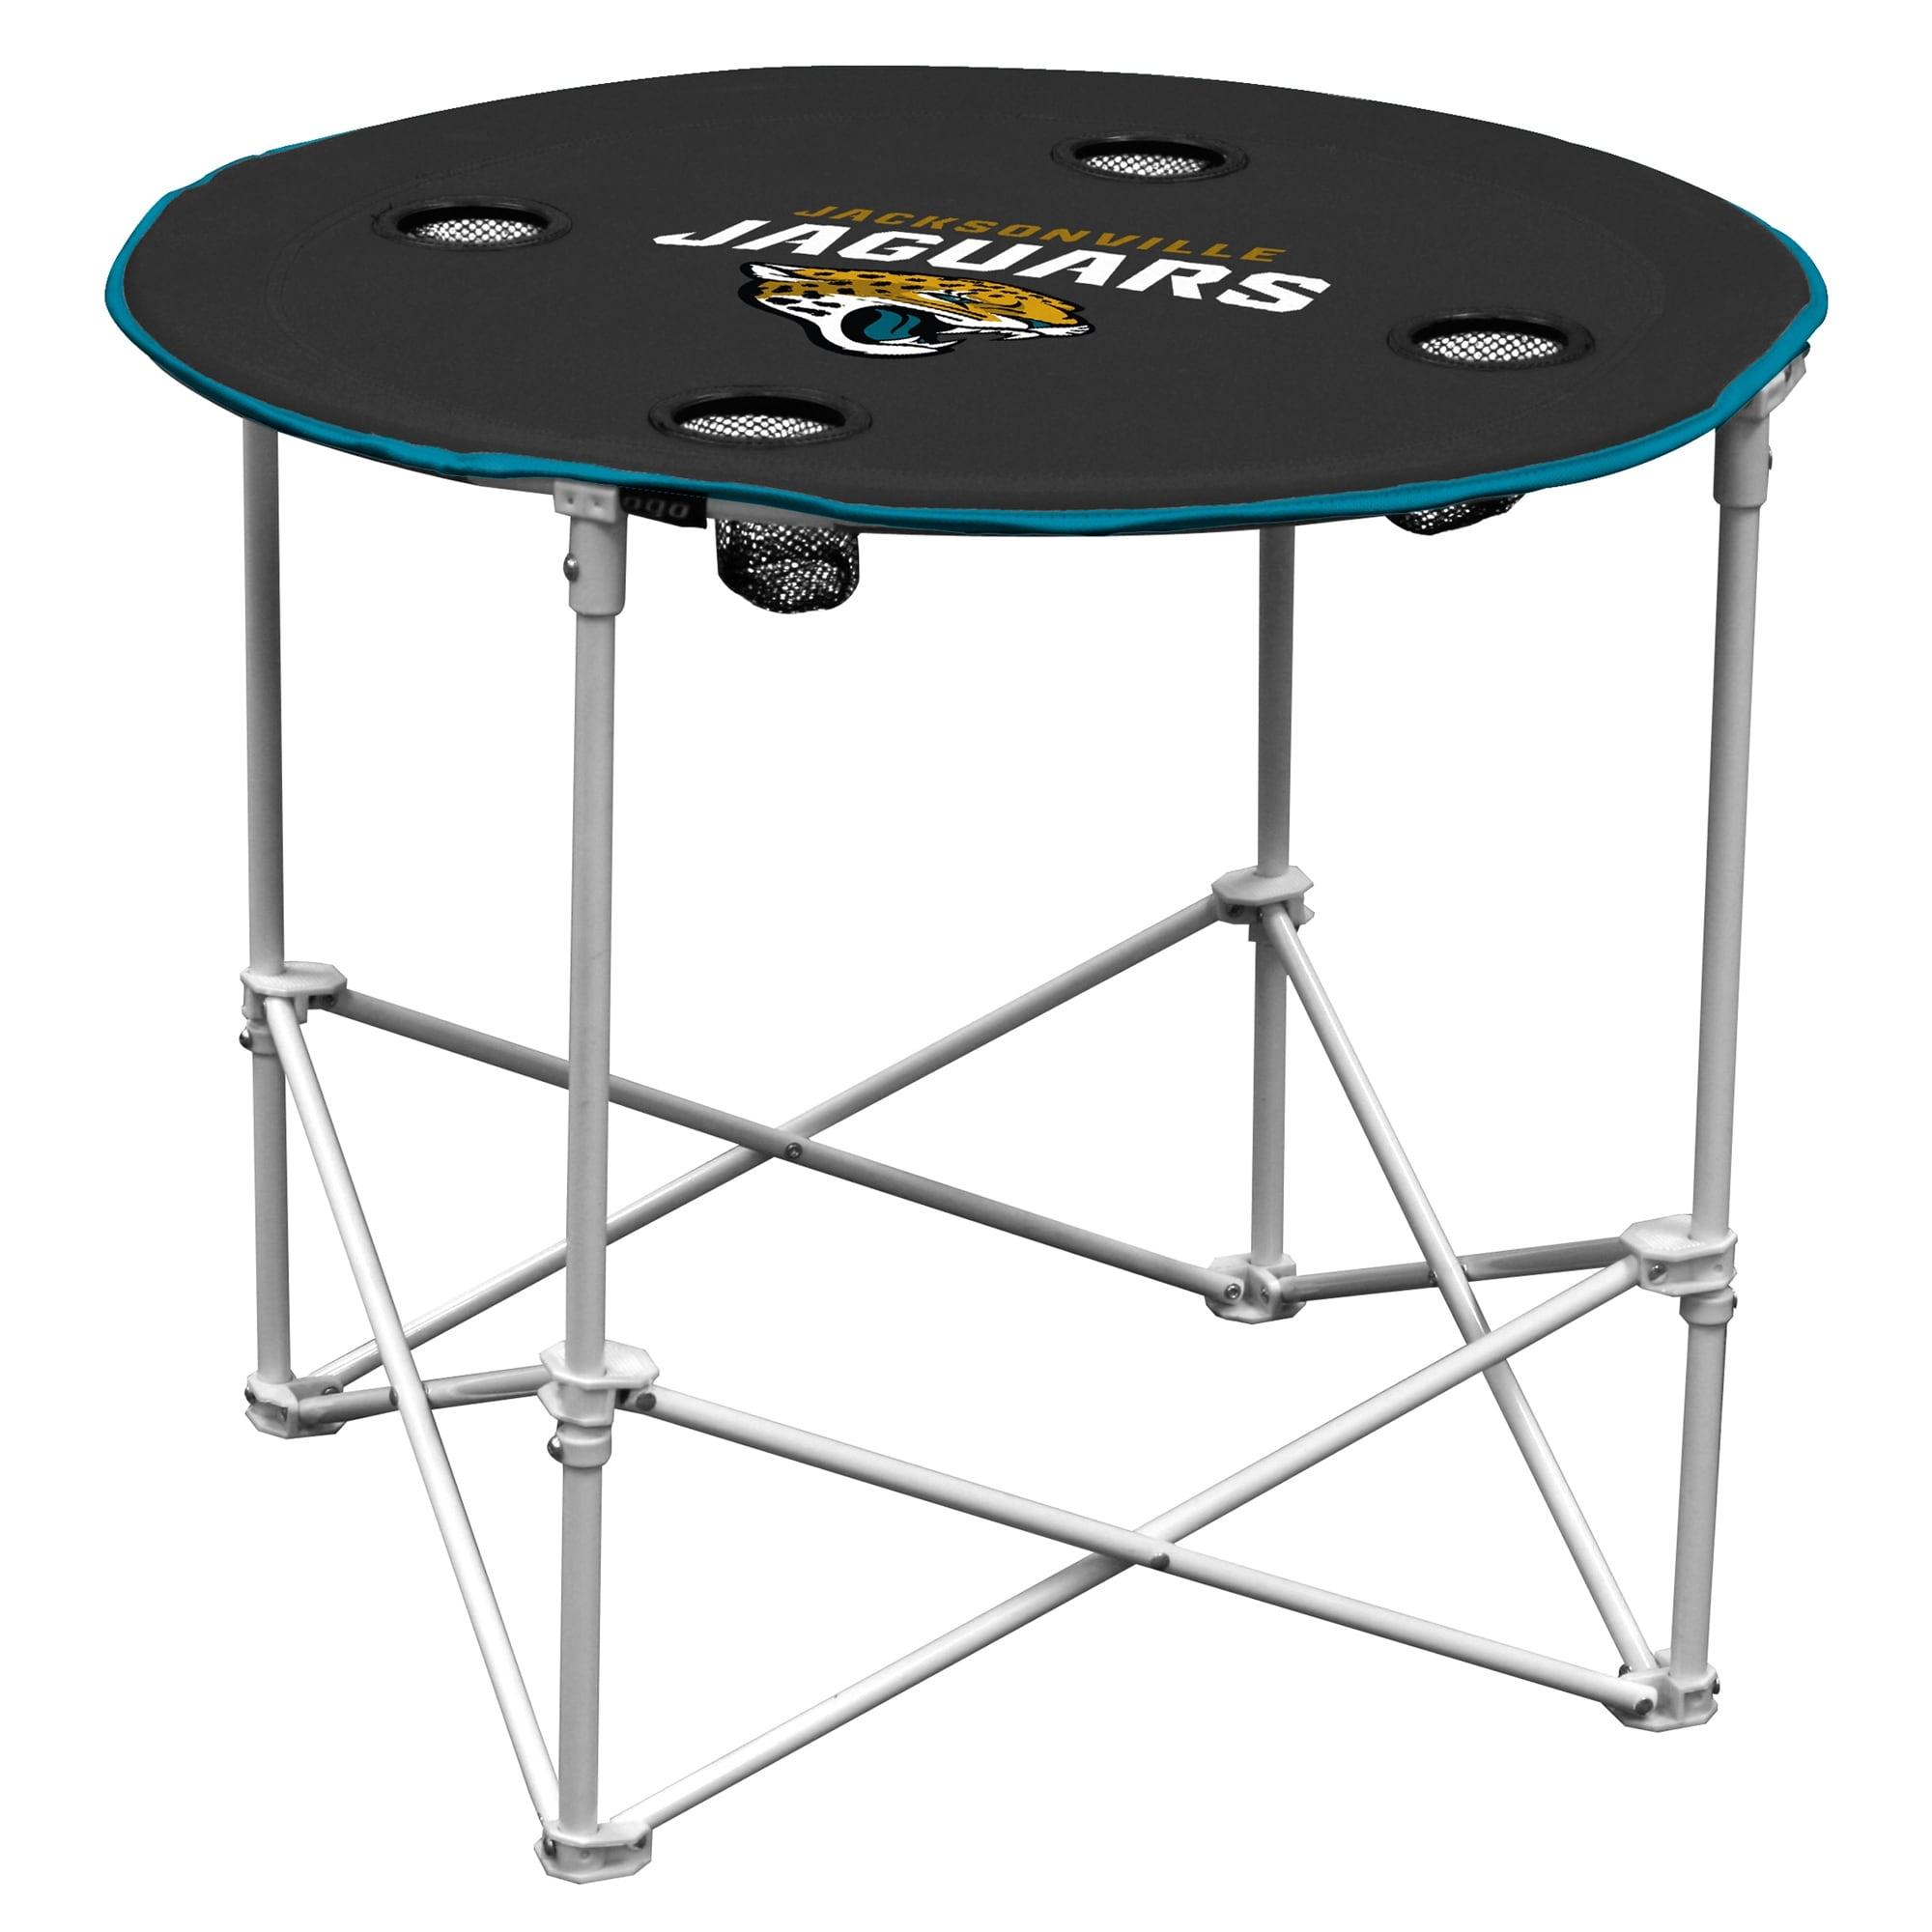 Jacksonville Jaguars Round Table - Black